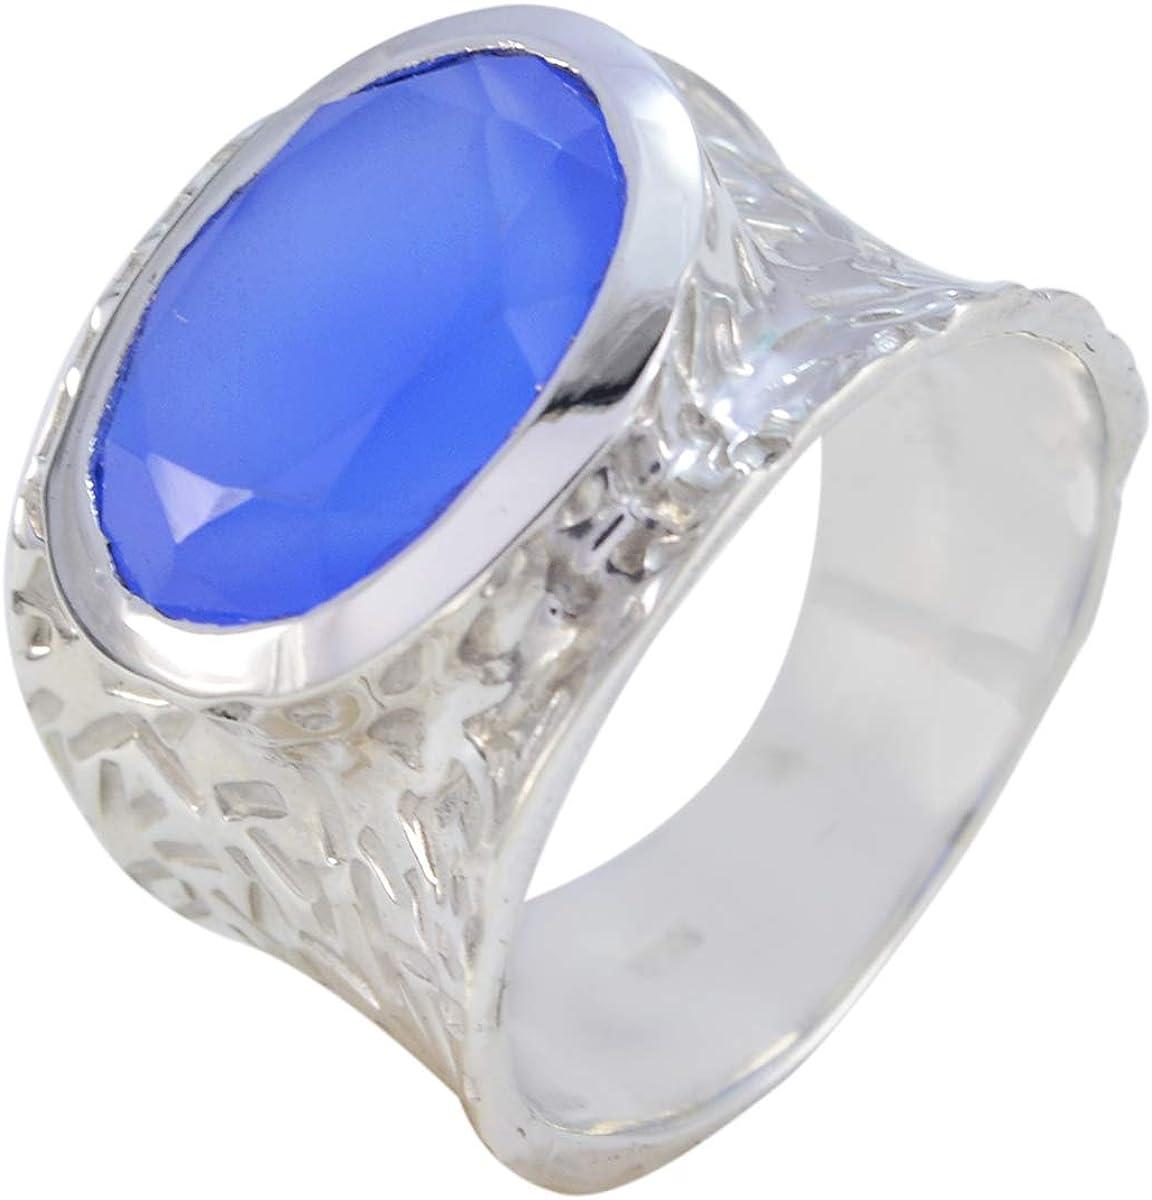 joyas plata buenas piedras preciosas forma ovalada una piedra anillos de calcedonia azul facetados - anillo de calcedonia azul de plata esterlina - nacimiento de diciembre sagitario